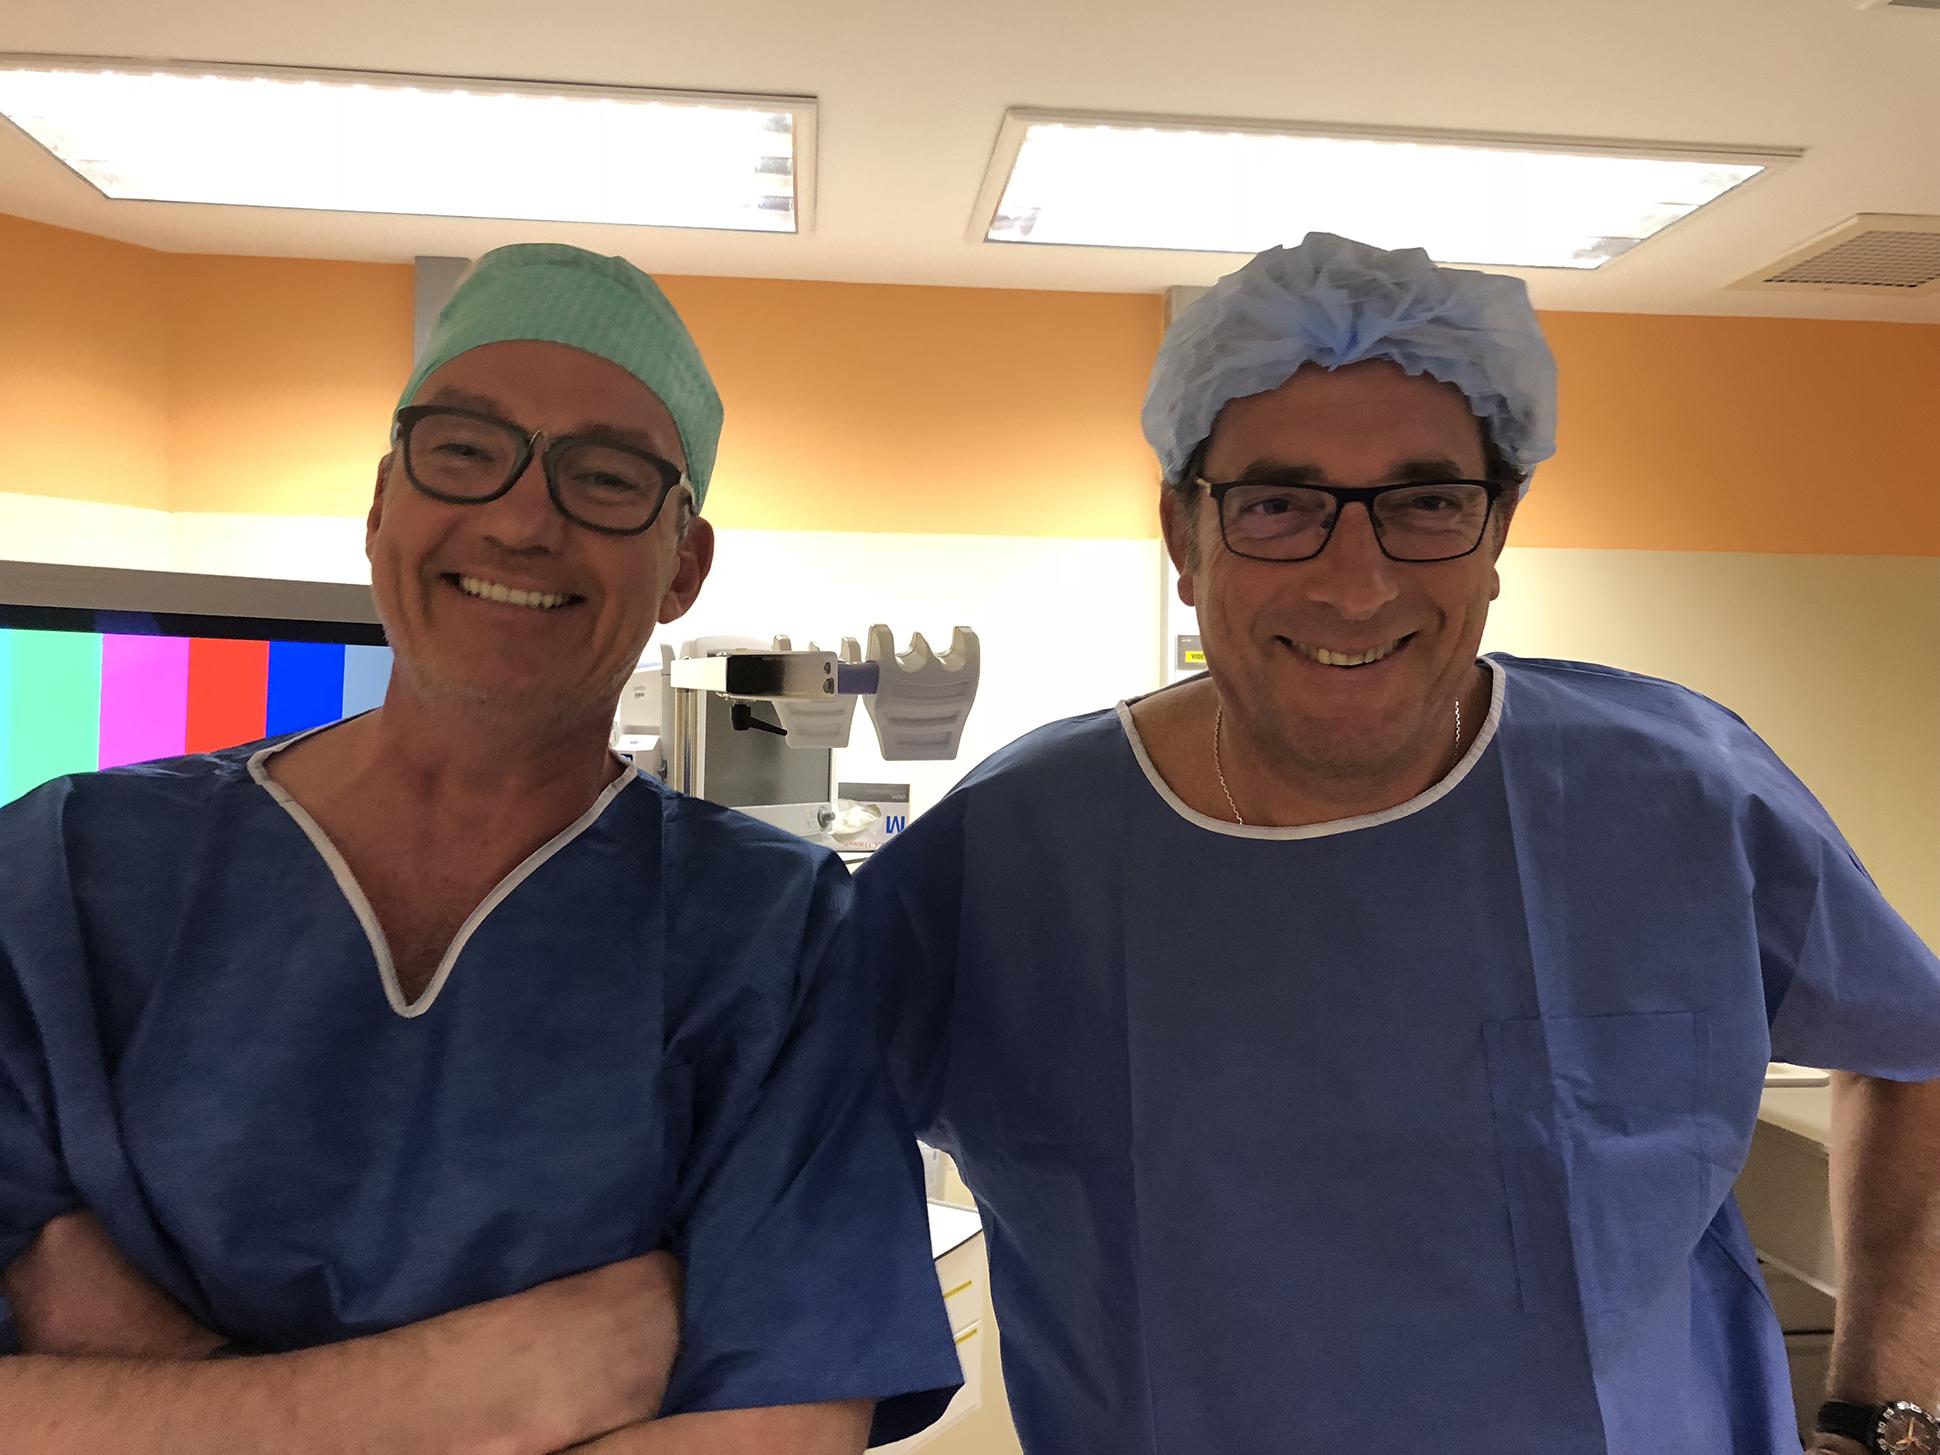 Gastro-entérologues DEMUYNCK et SCHEER en salle d'intervention à la clinique St Anne